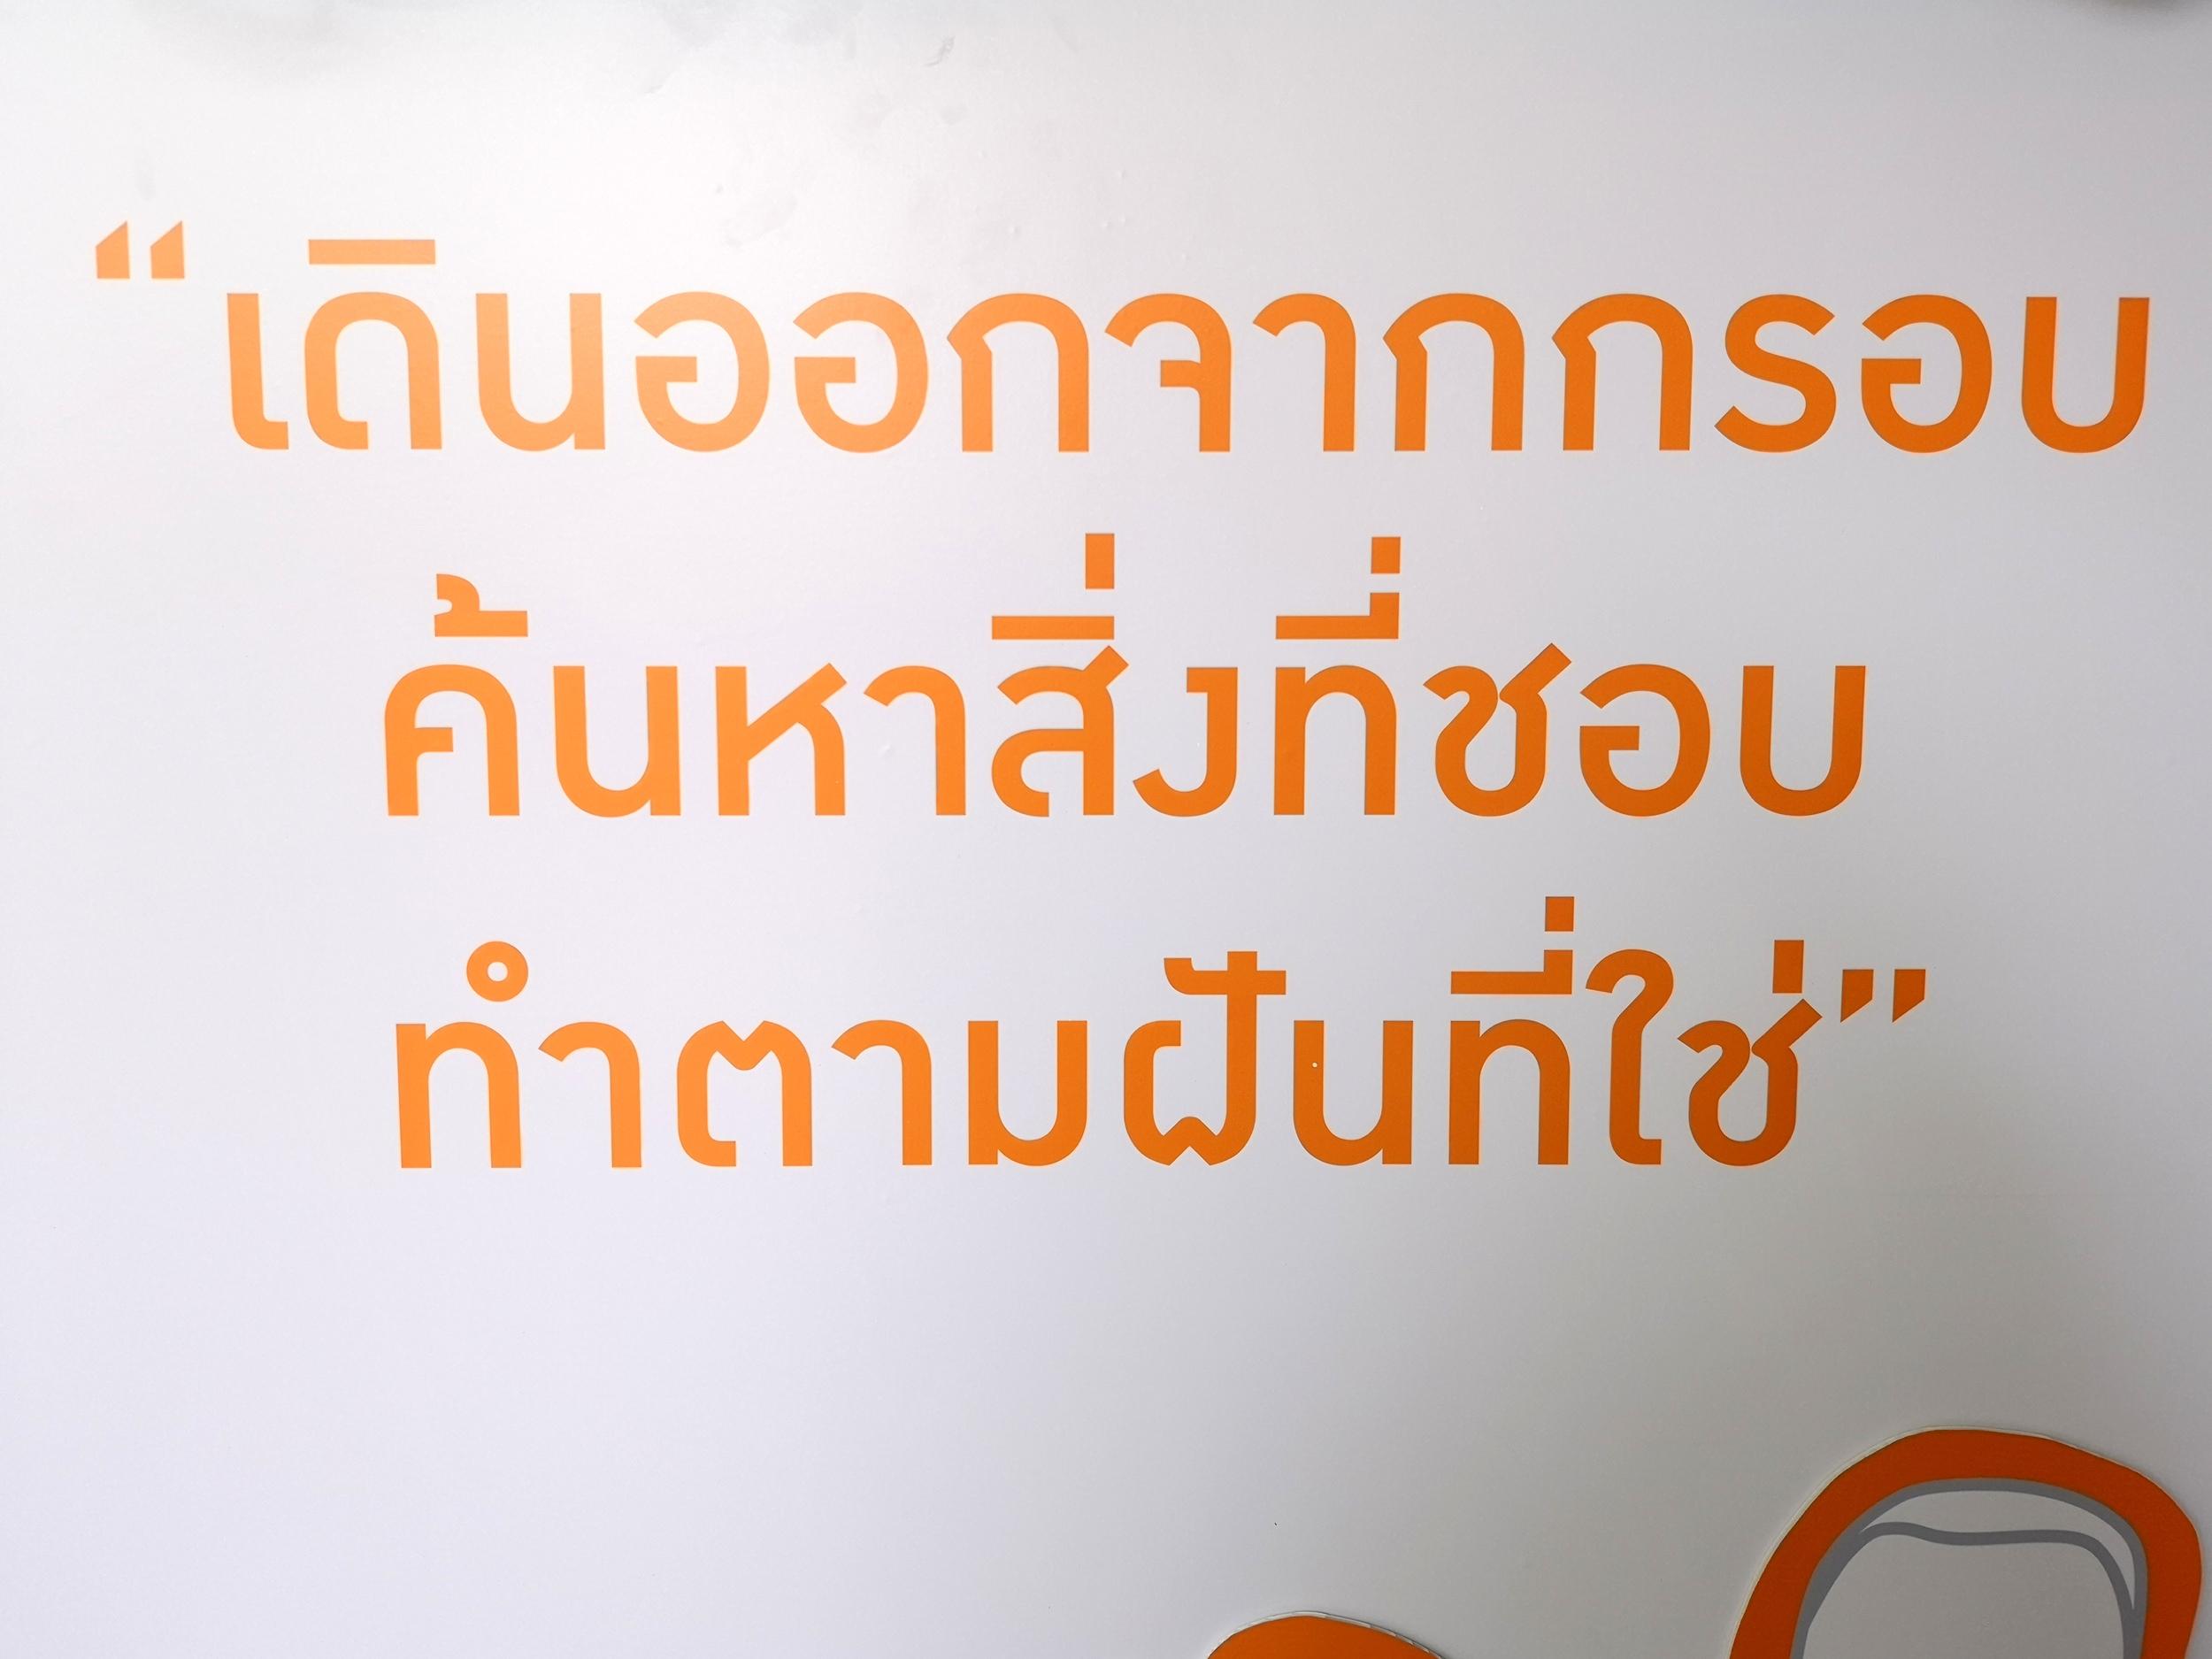 'ปิดเทอมสร้างสรรค์' ตอบโจทย์ปิดเทอมนี้ทำอะไรดี? thaihealth